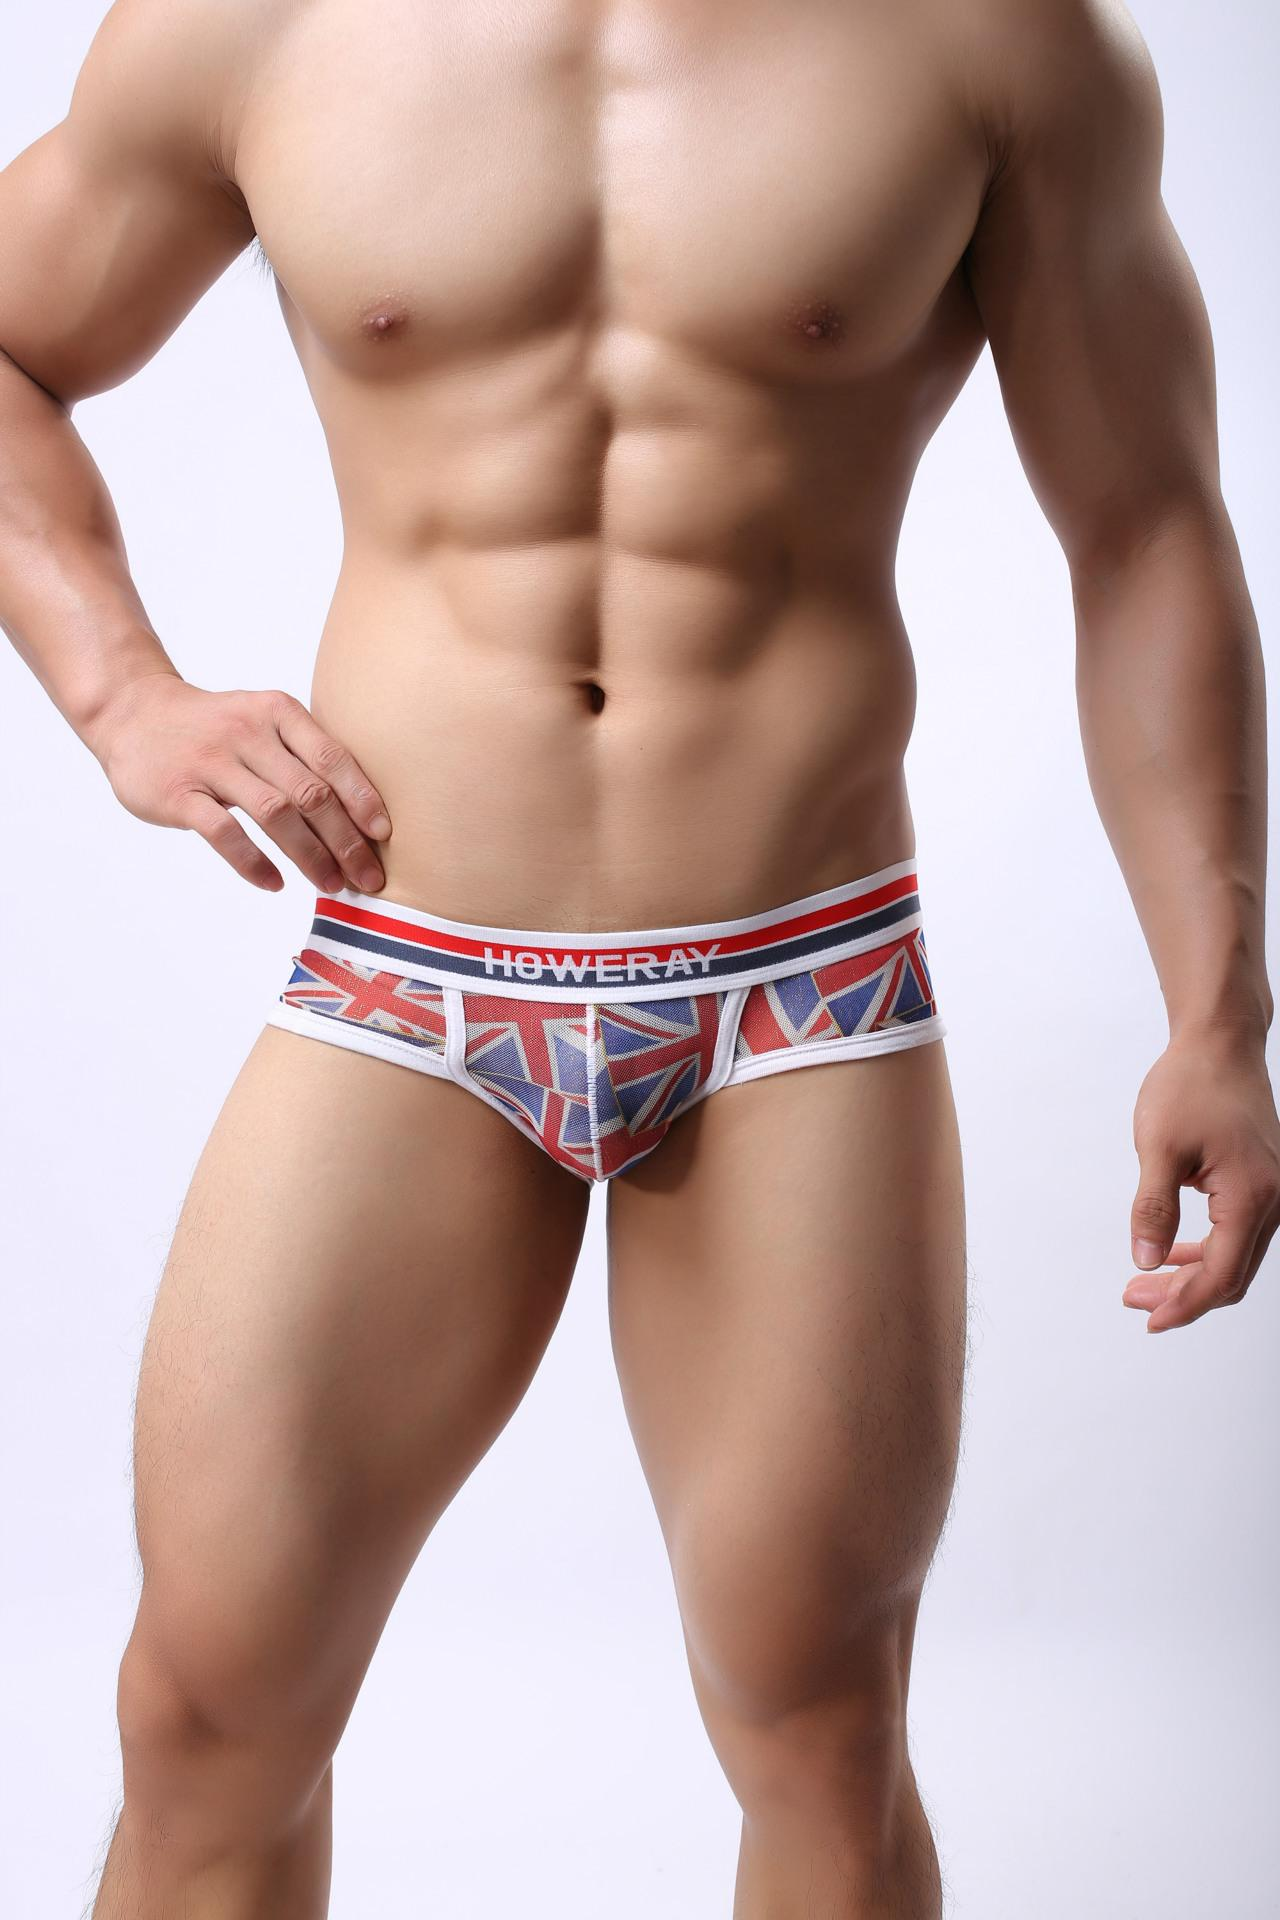 Nova marca Sexy homens translúcido Cueca Mens Briefs Respirável Elástico Masculino Low-cintura Biquíni Briefs Homens Corajoso Pessoa Tamanho MIX COR J190106